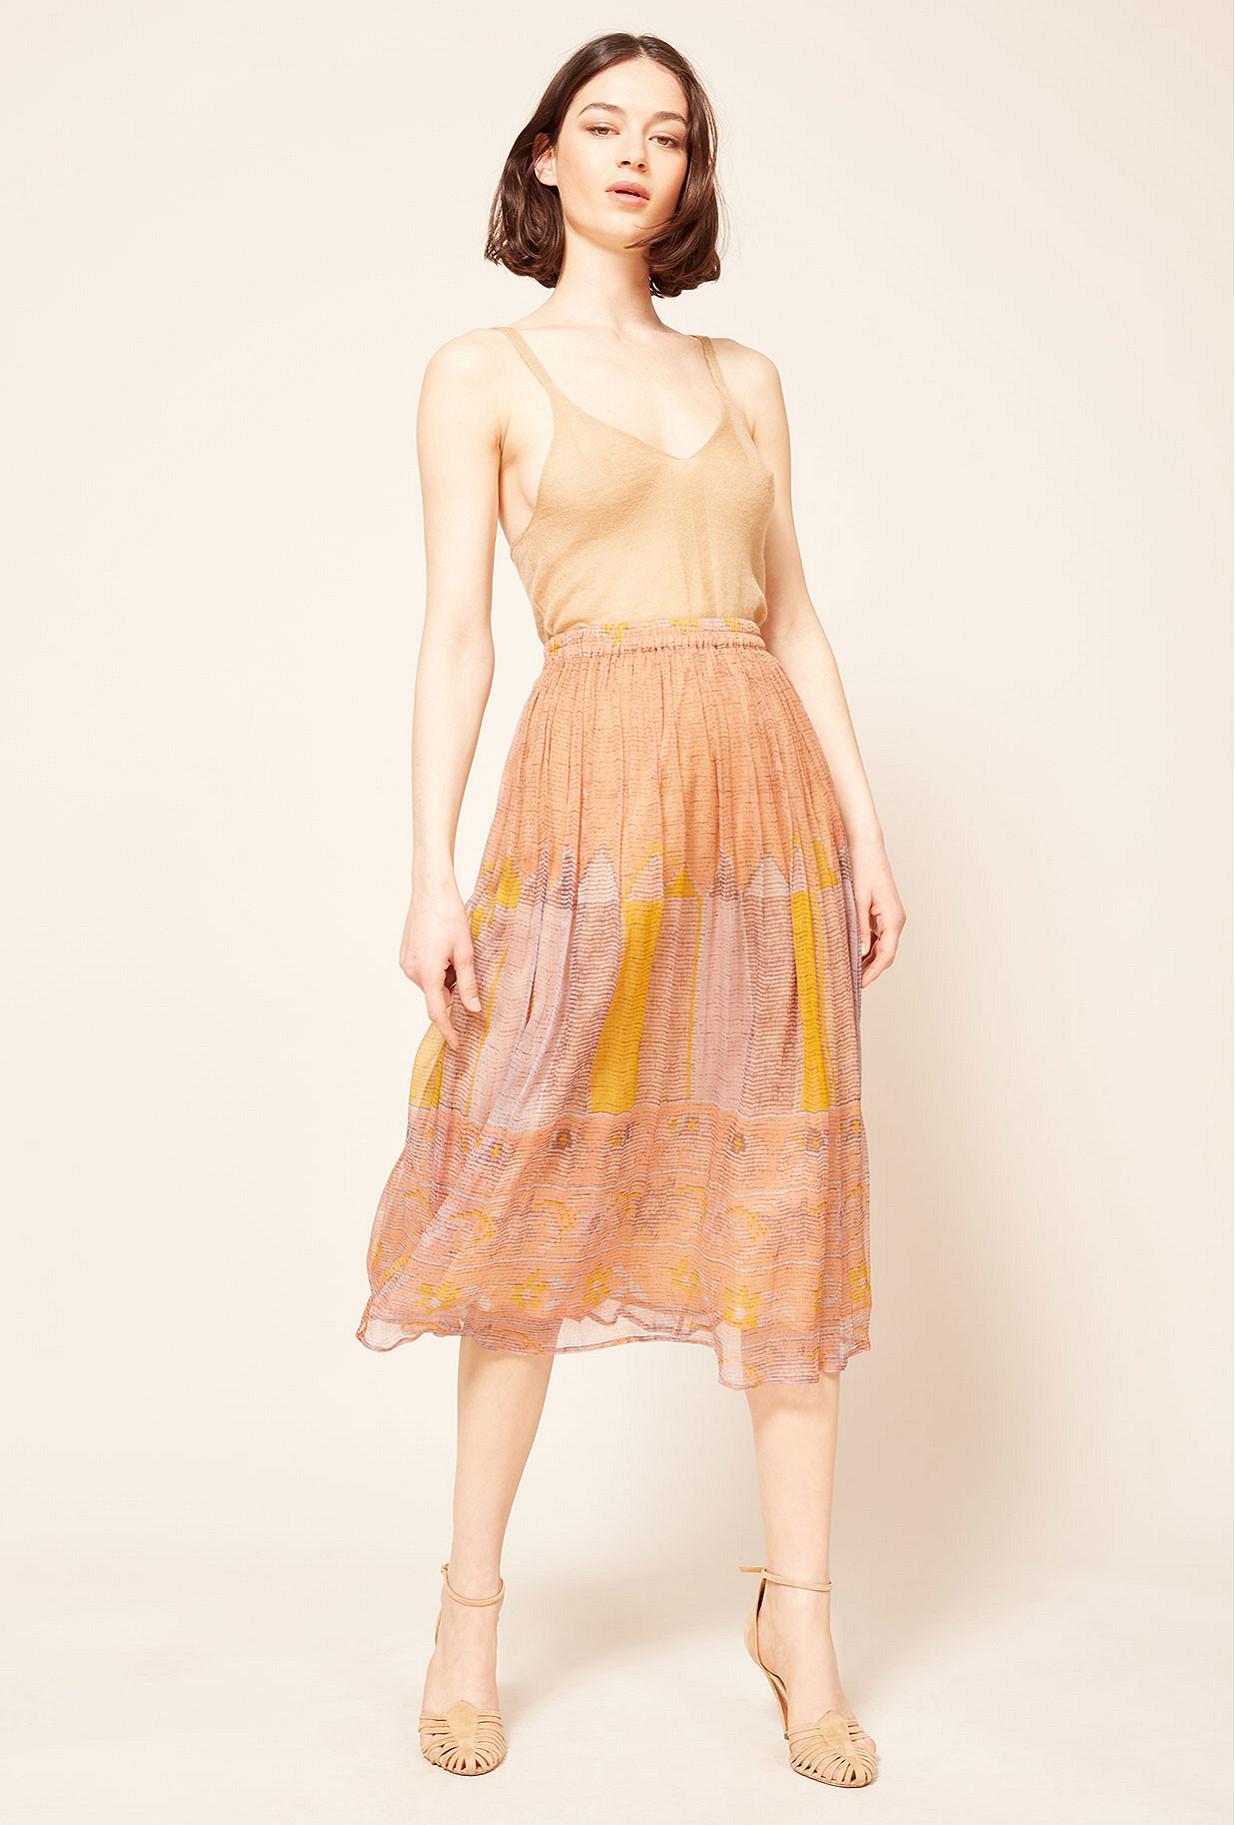 Paris boutique de mode vêtement Jupe créateur bohème Baji